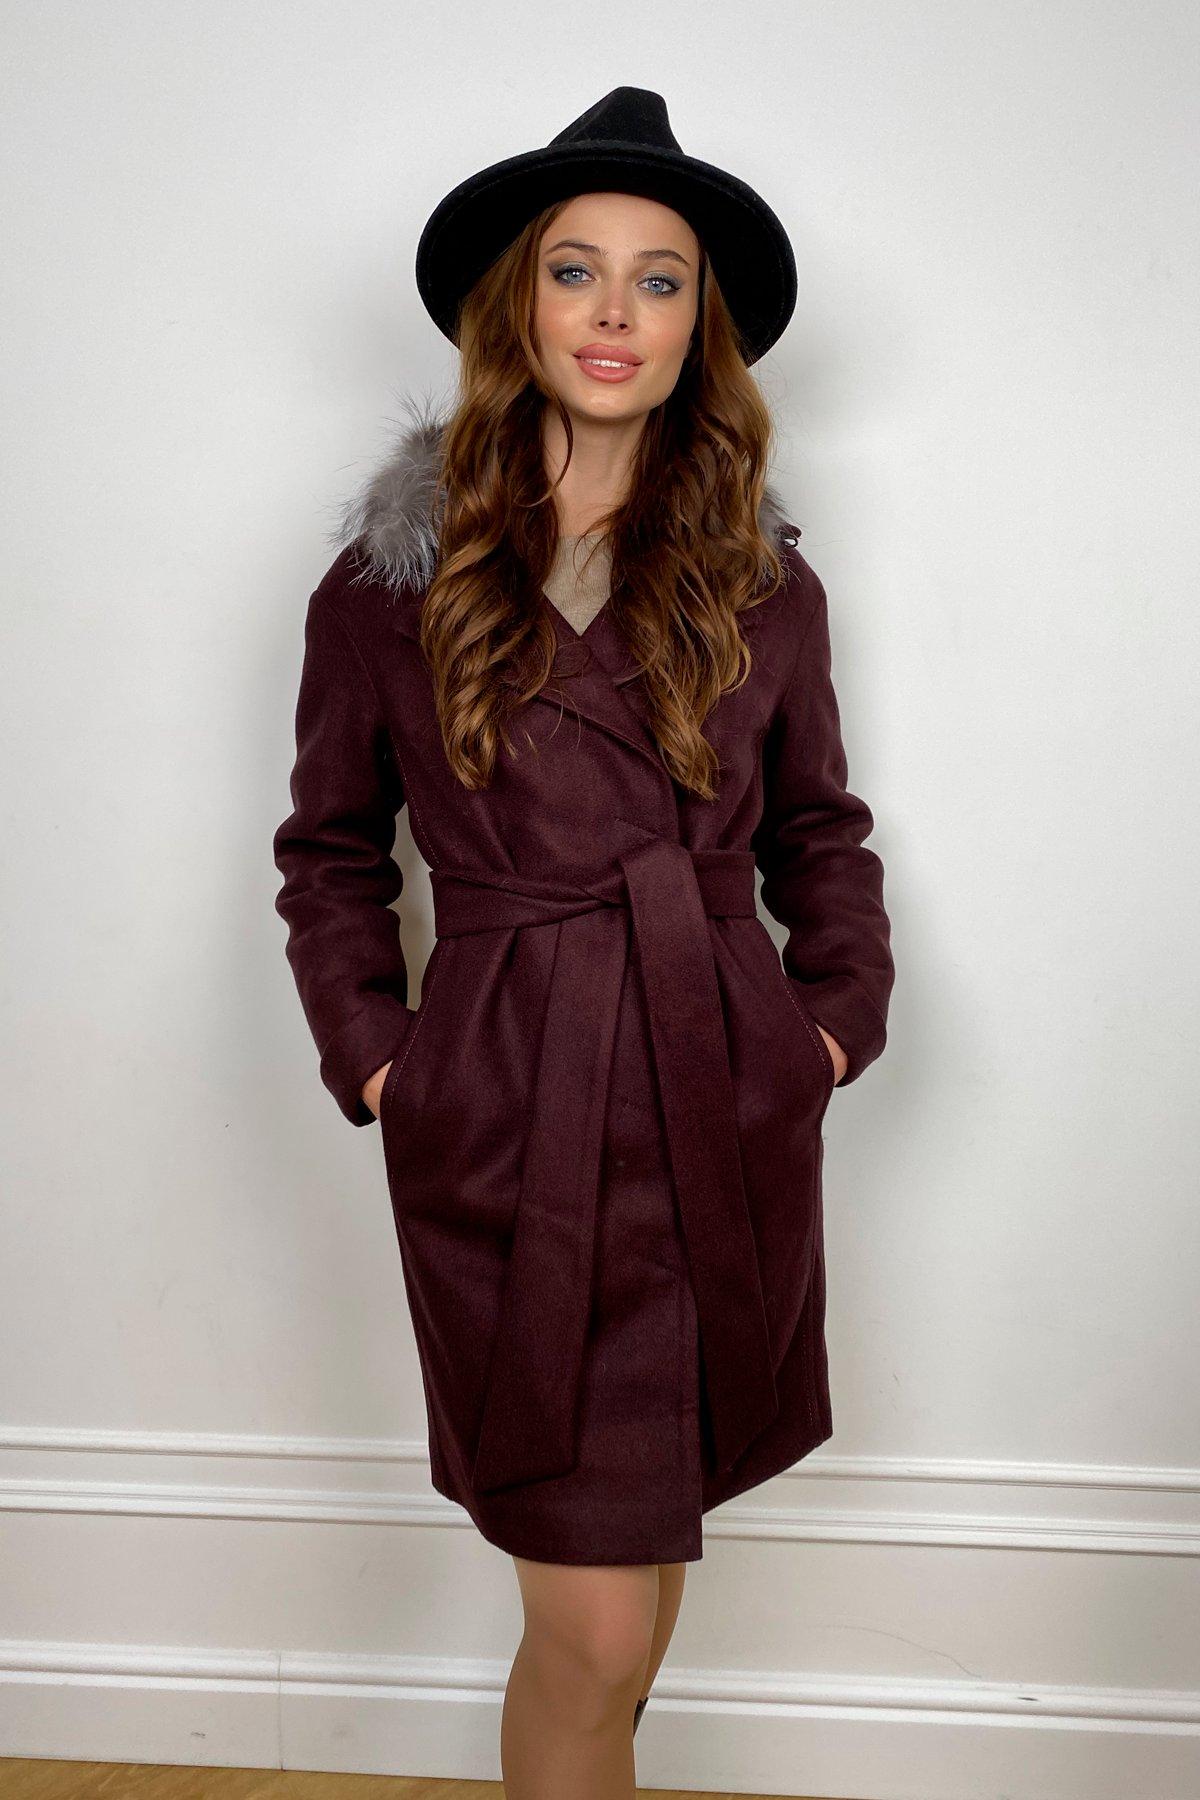 Пальто зима Приора 5668 АРТ. 37884 Цвет: Марсала 75 - фото 1, интернет магазин tm-modus.ru